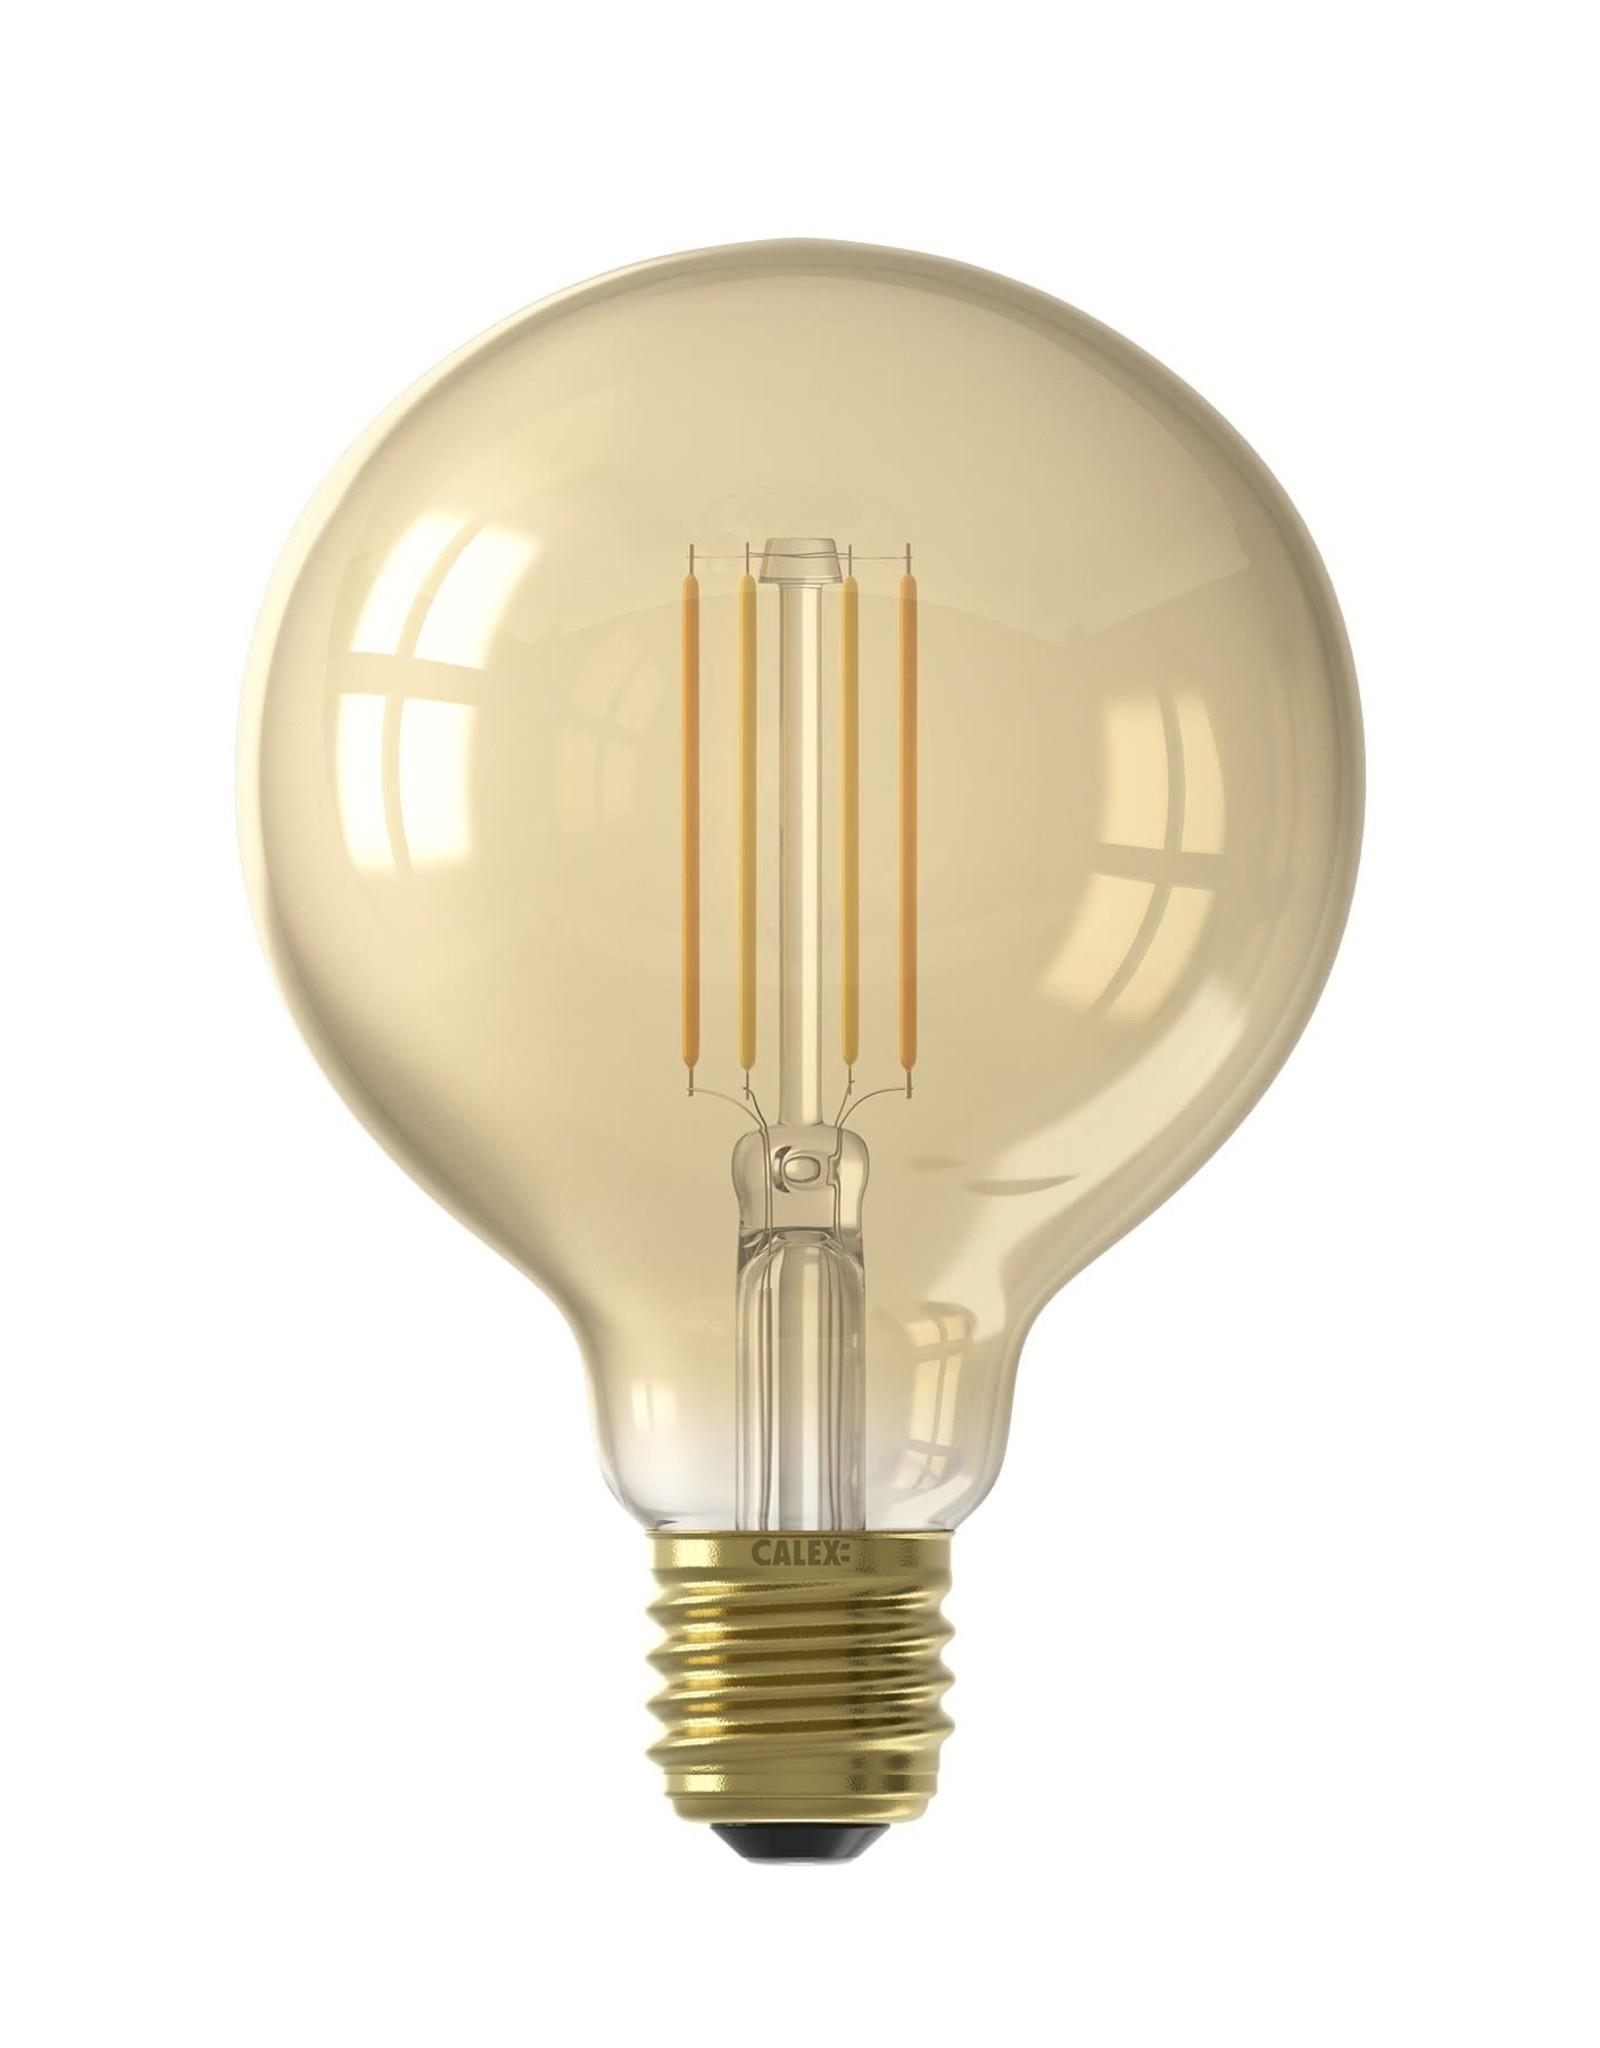 Calex Calex Smart LED Filament Goud Globelamp G95 E27 220-240V 7W 806lm 1800-3000K